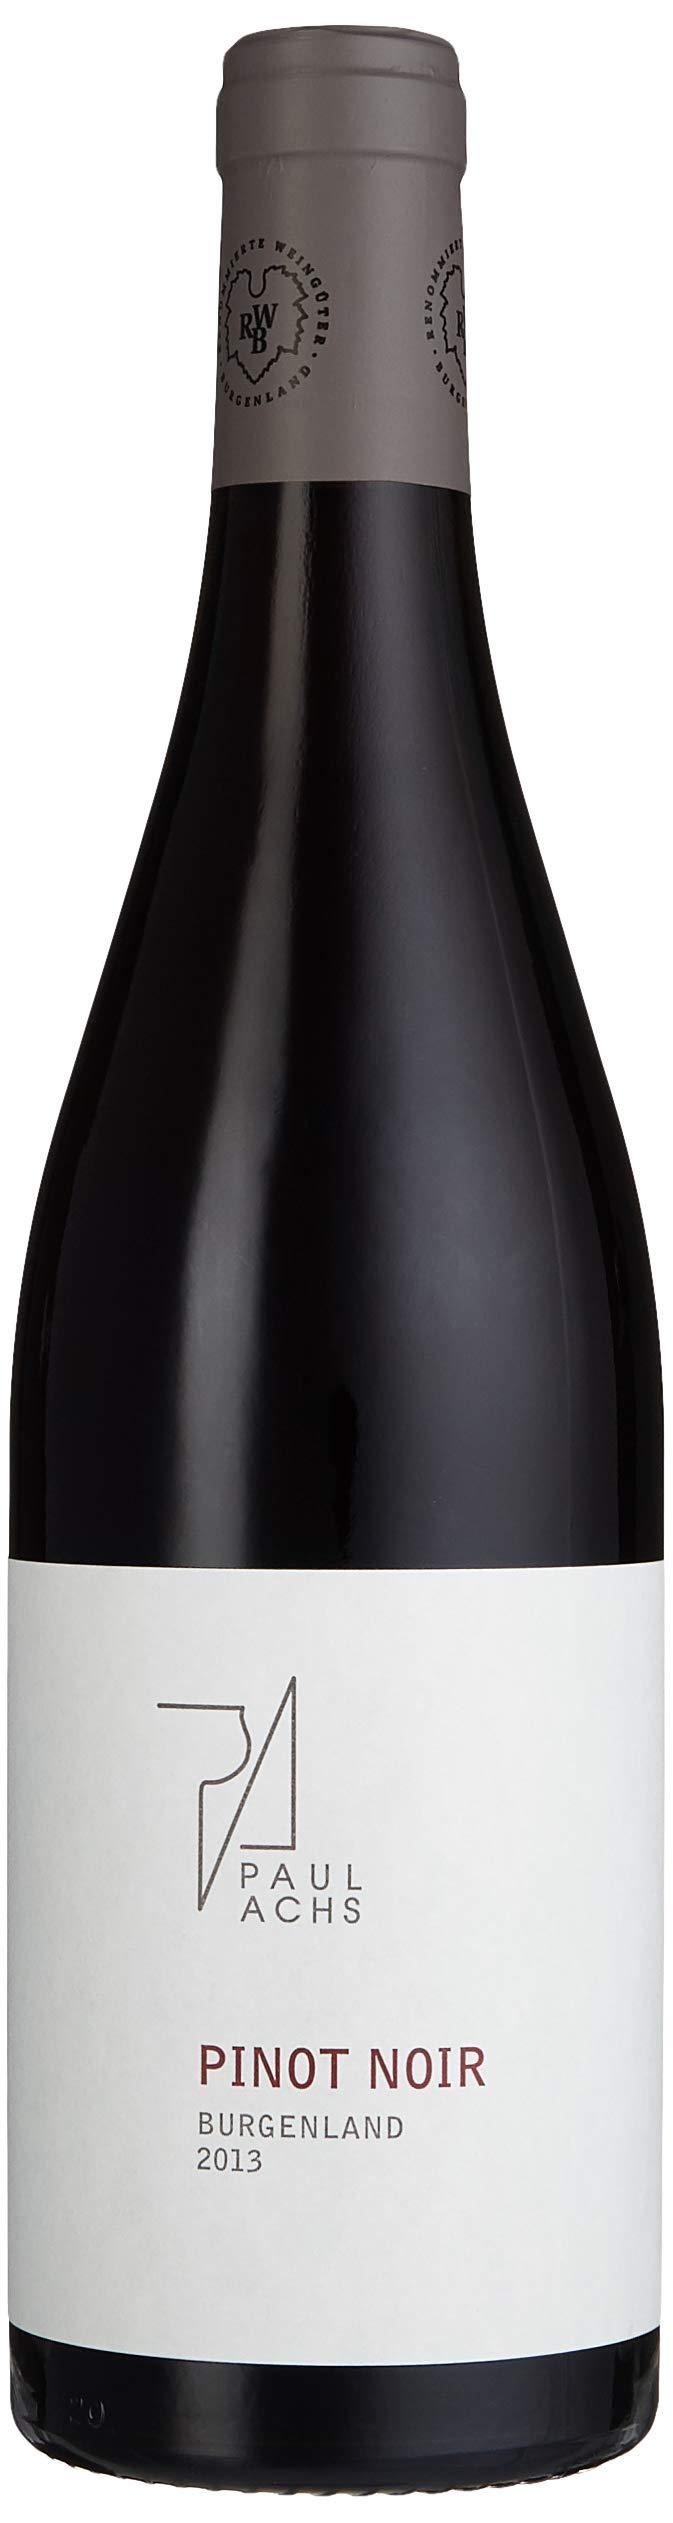 Weingut-Paul-Achs-Pinot-Noir-AT-BIO-402-Cuve-2013-1-x-075-l